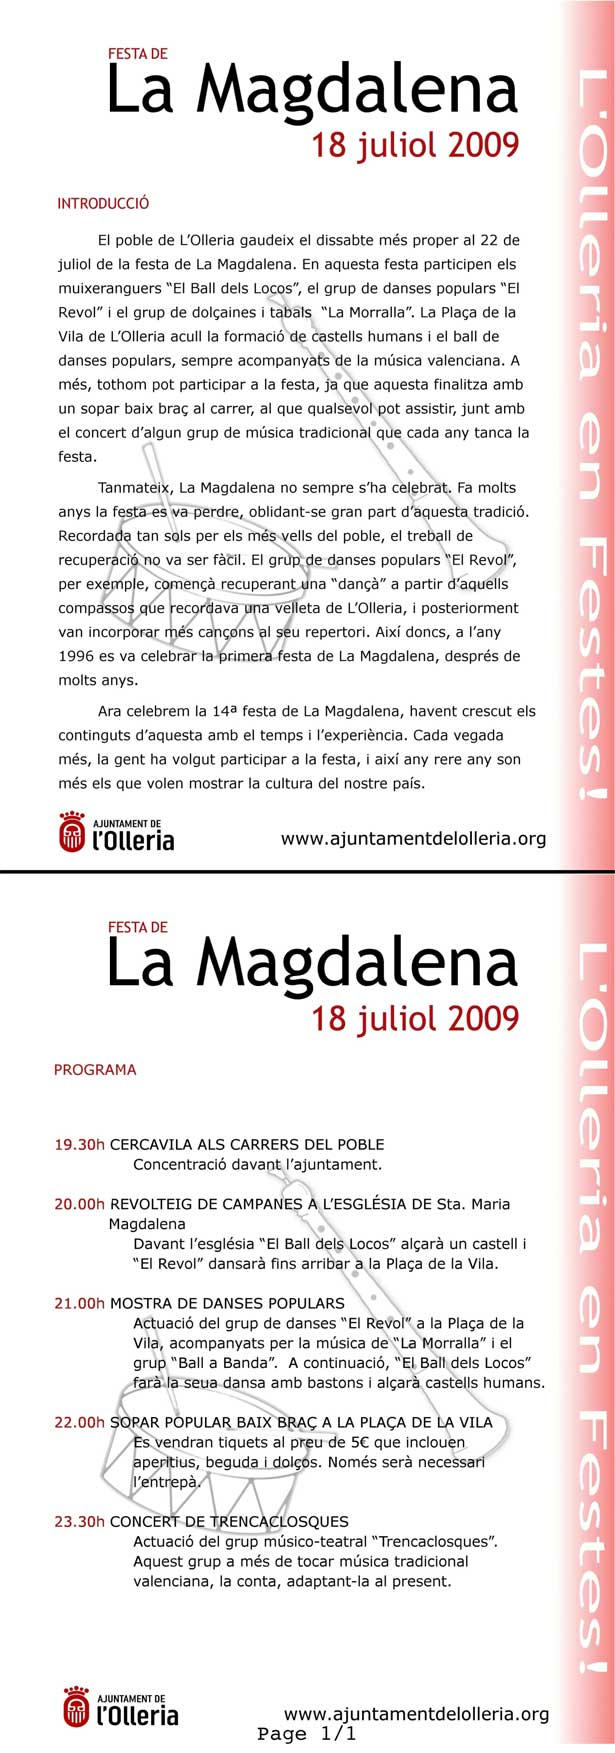 festa-de-la-magdalena